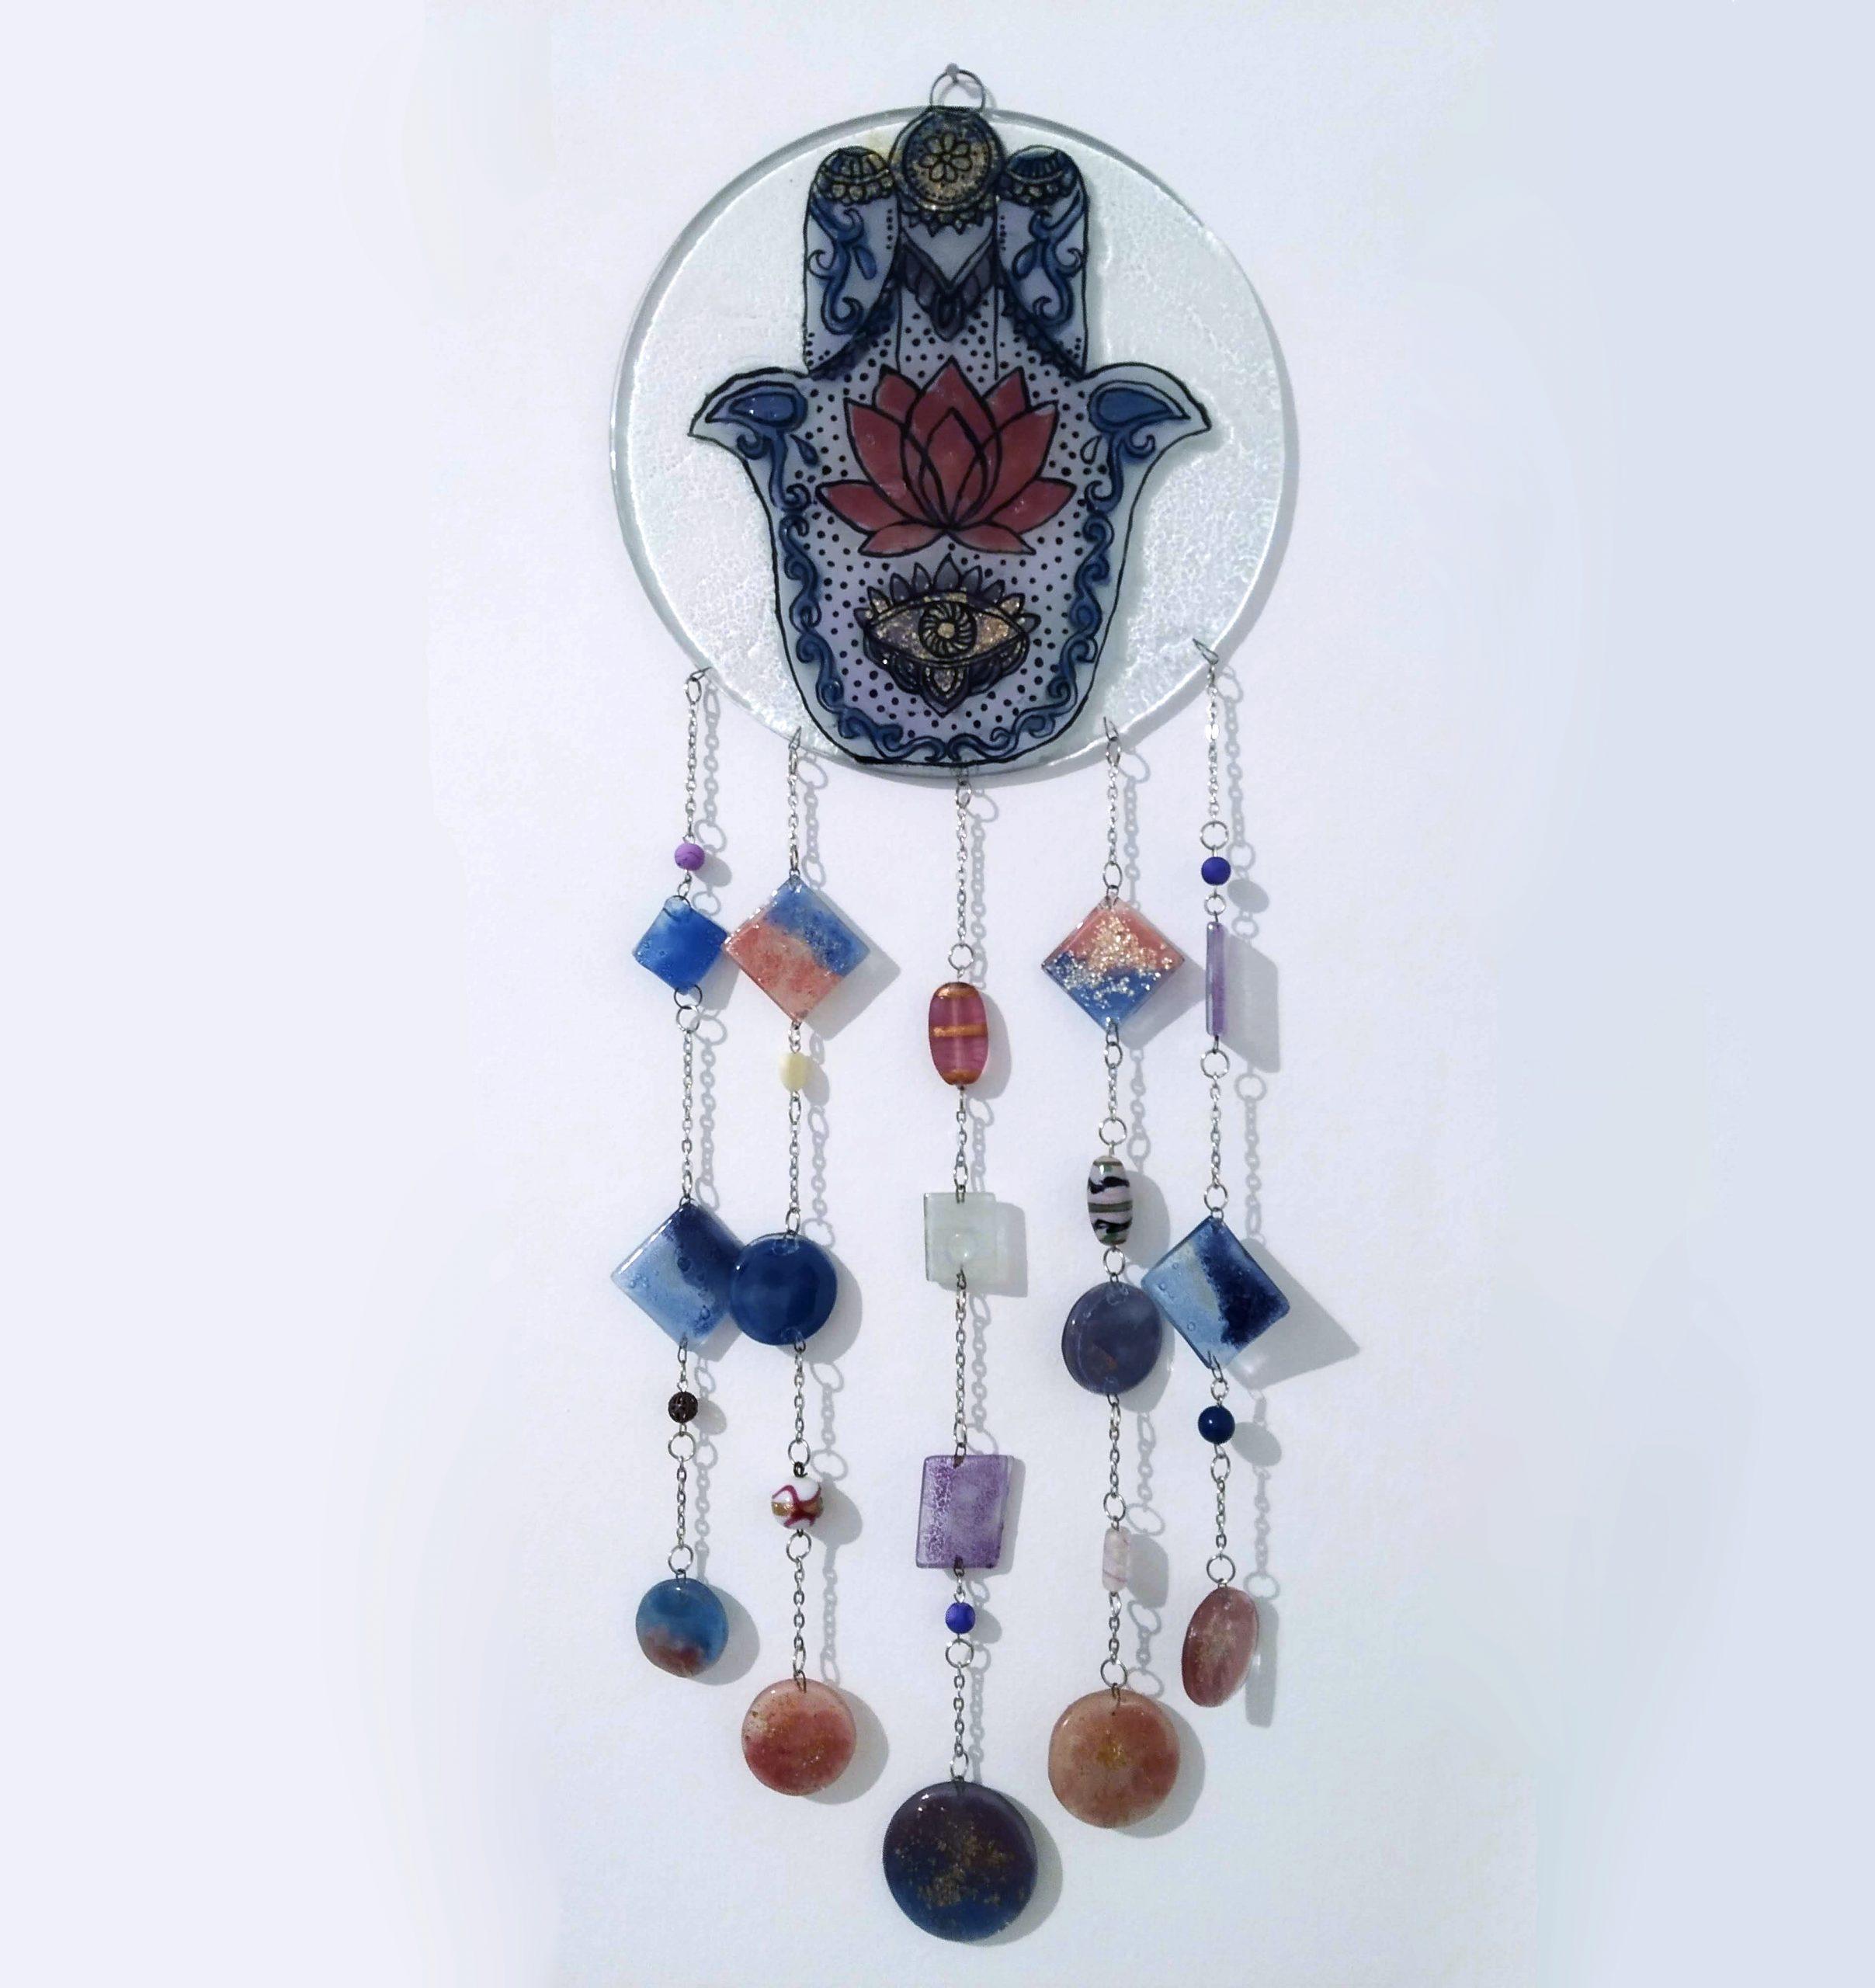 Llamador en vitrofusión con diseño de Mano de Fátima